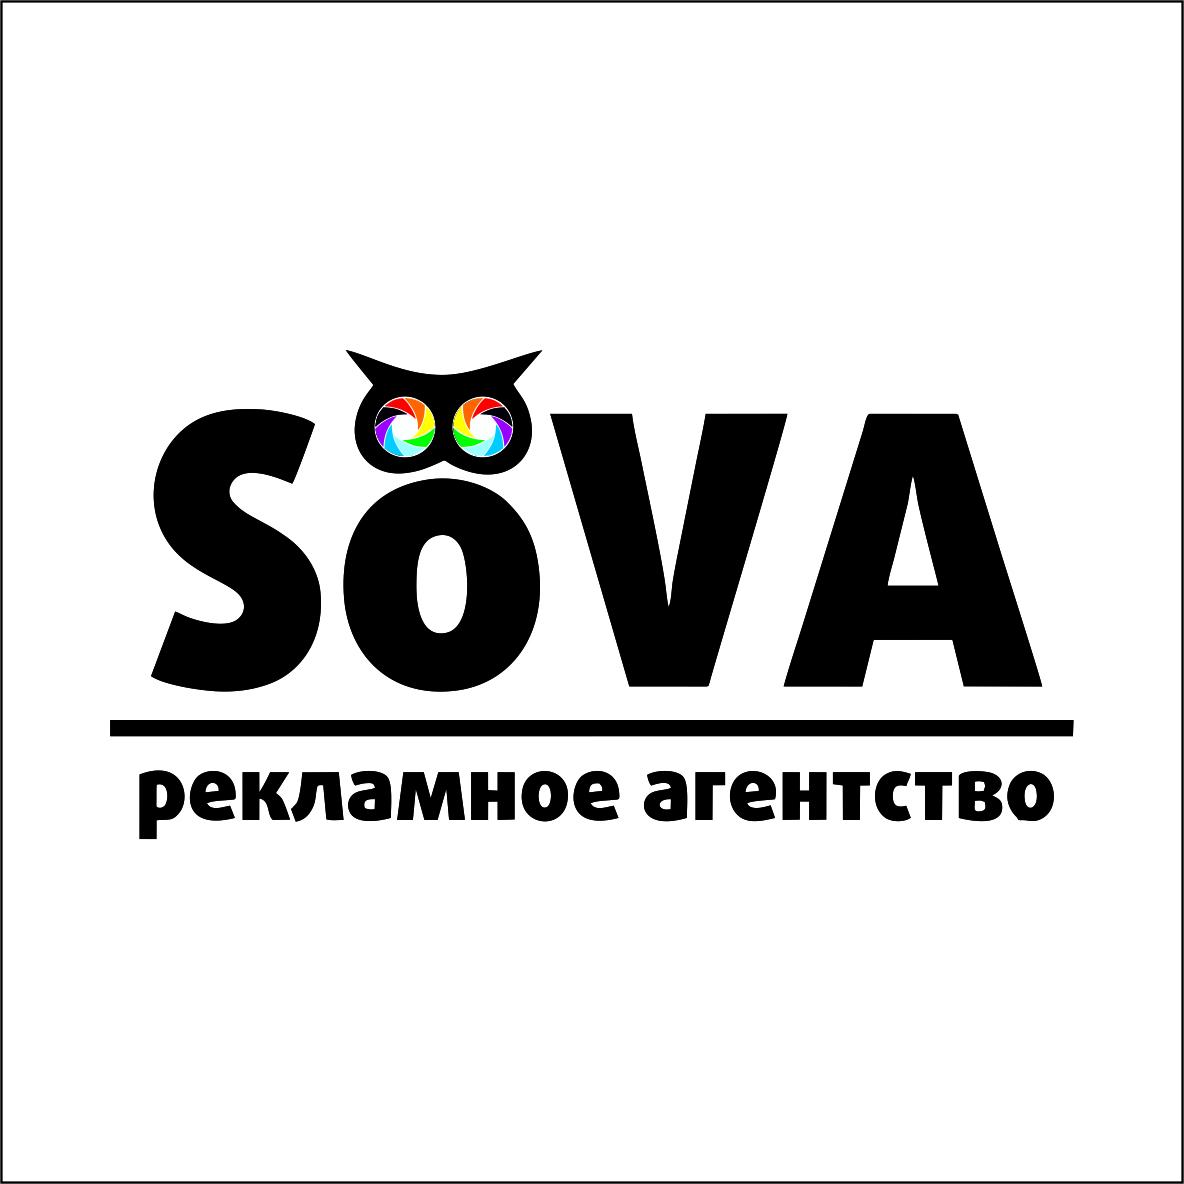 Реклама картинки логотип